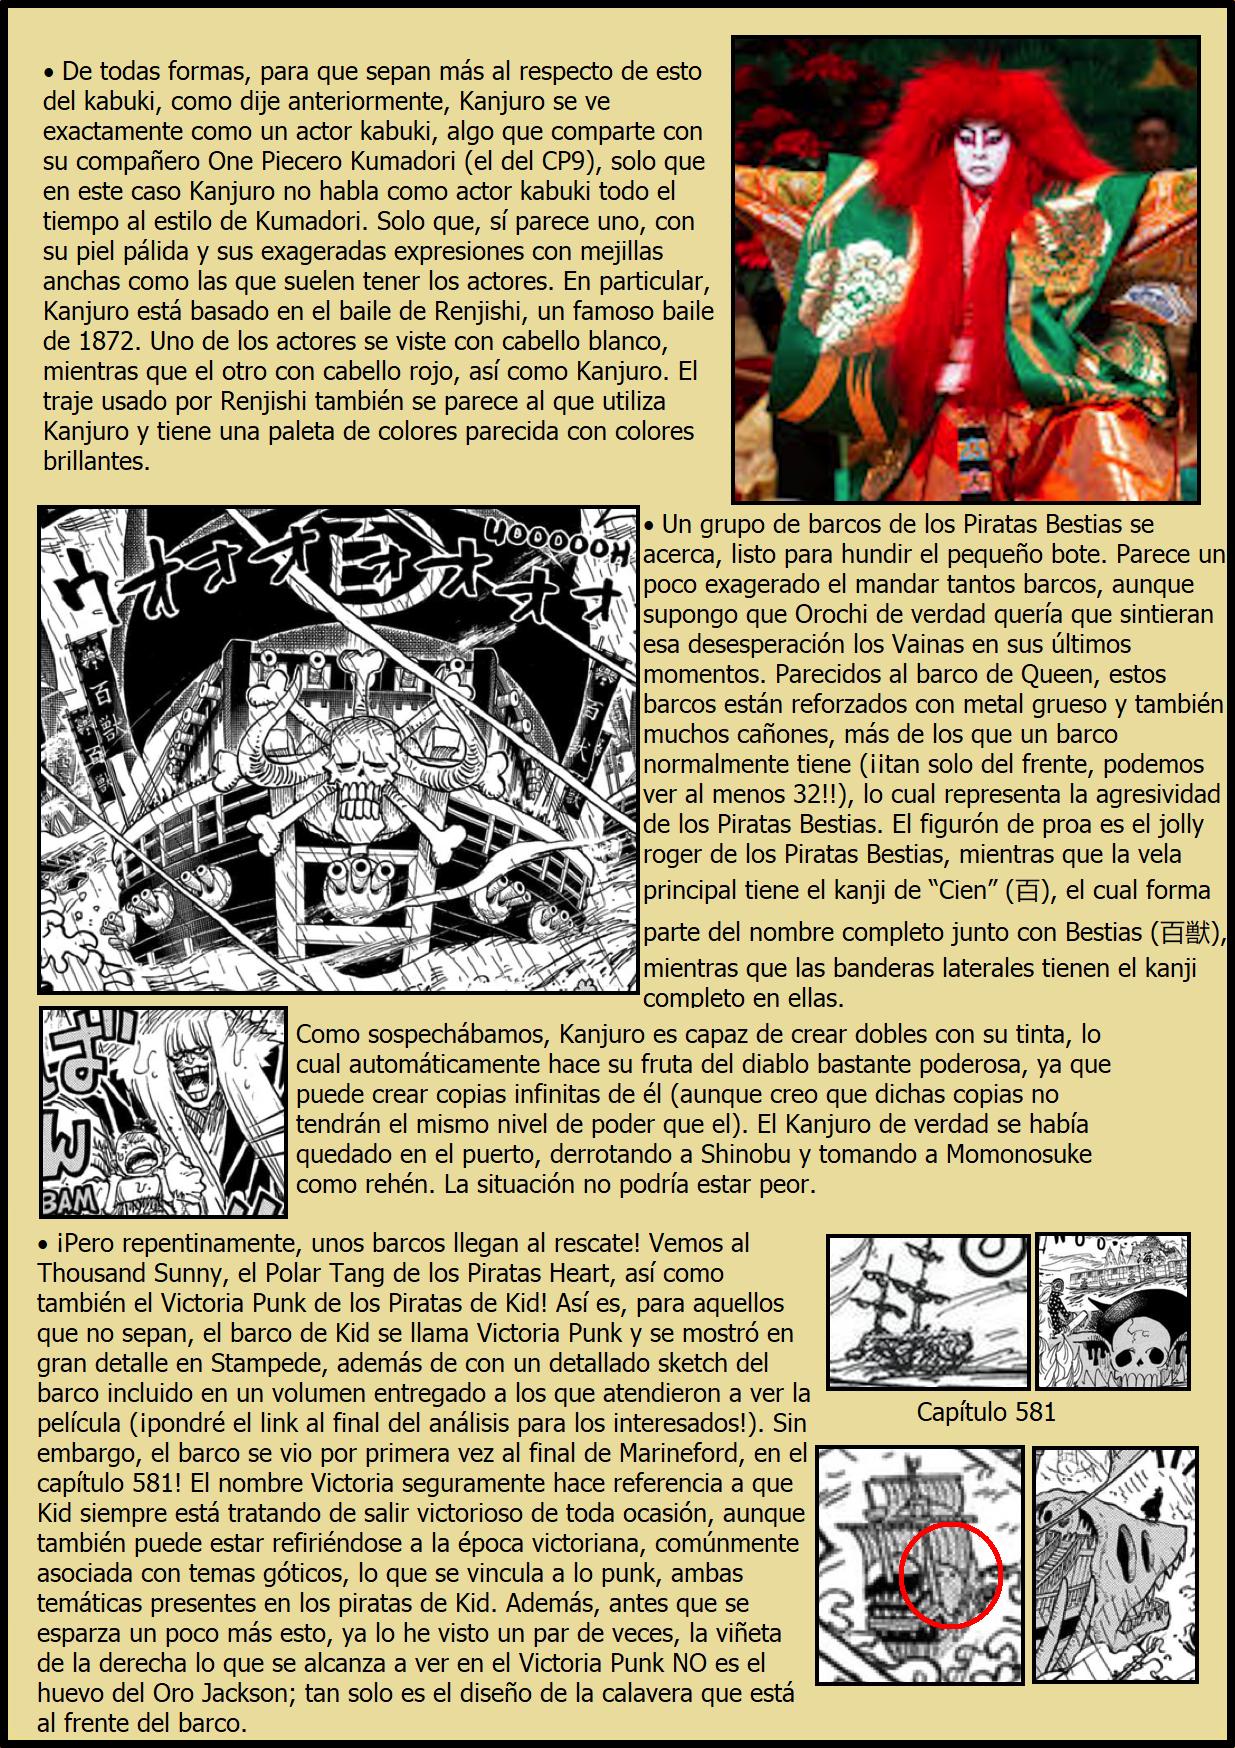 Secretos & Curiosidades - One Piece Manga 974 05